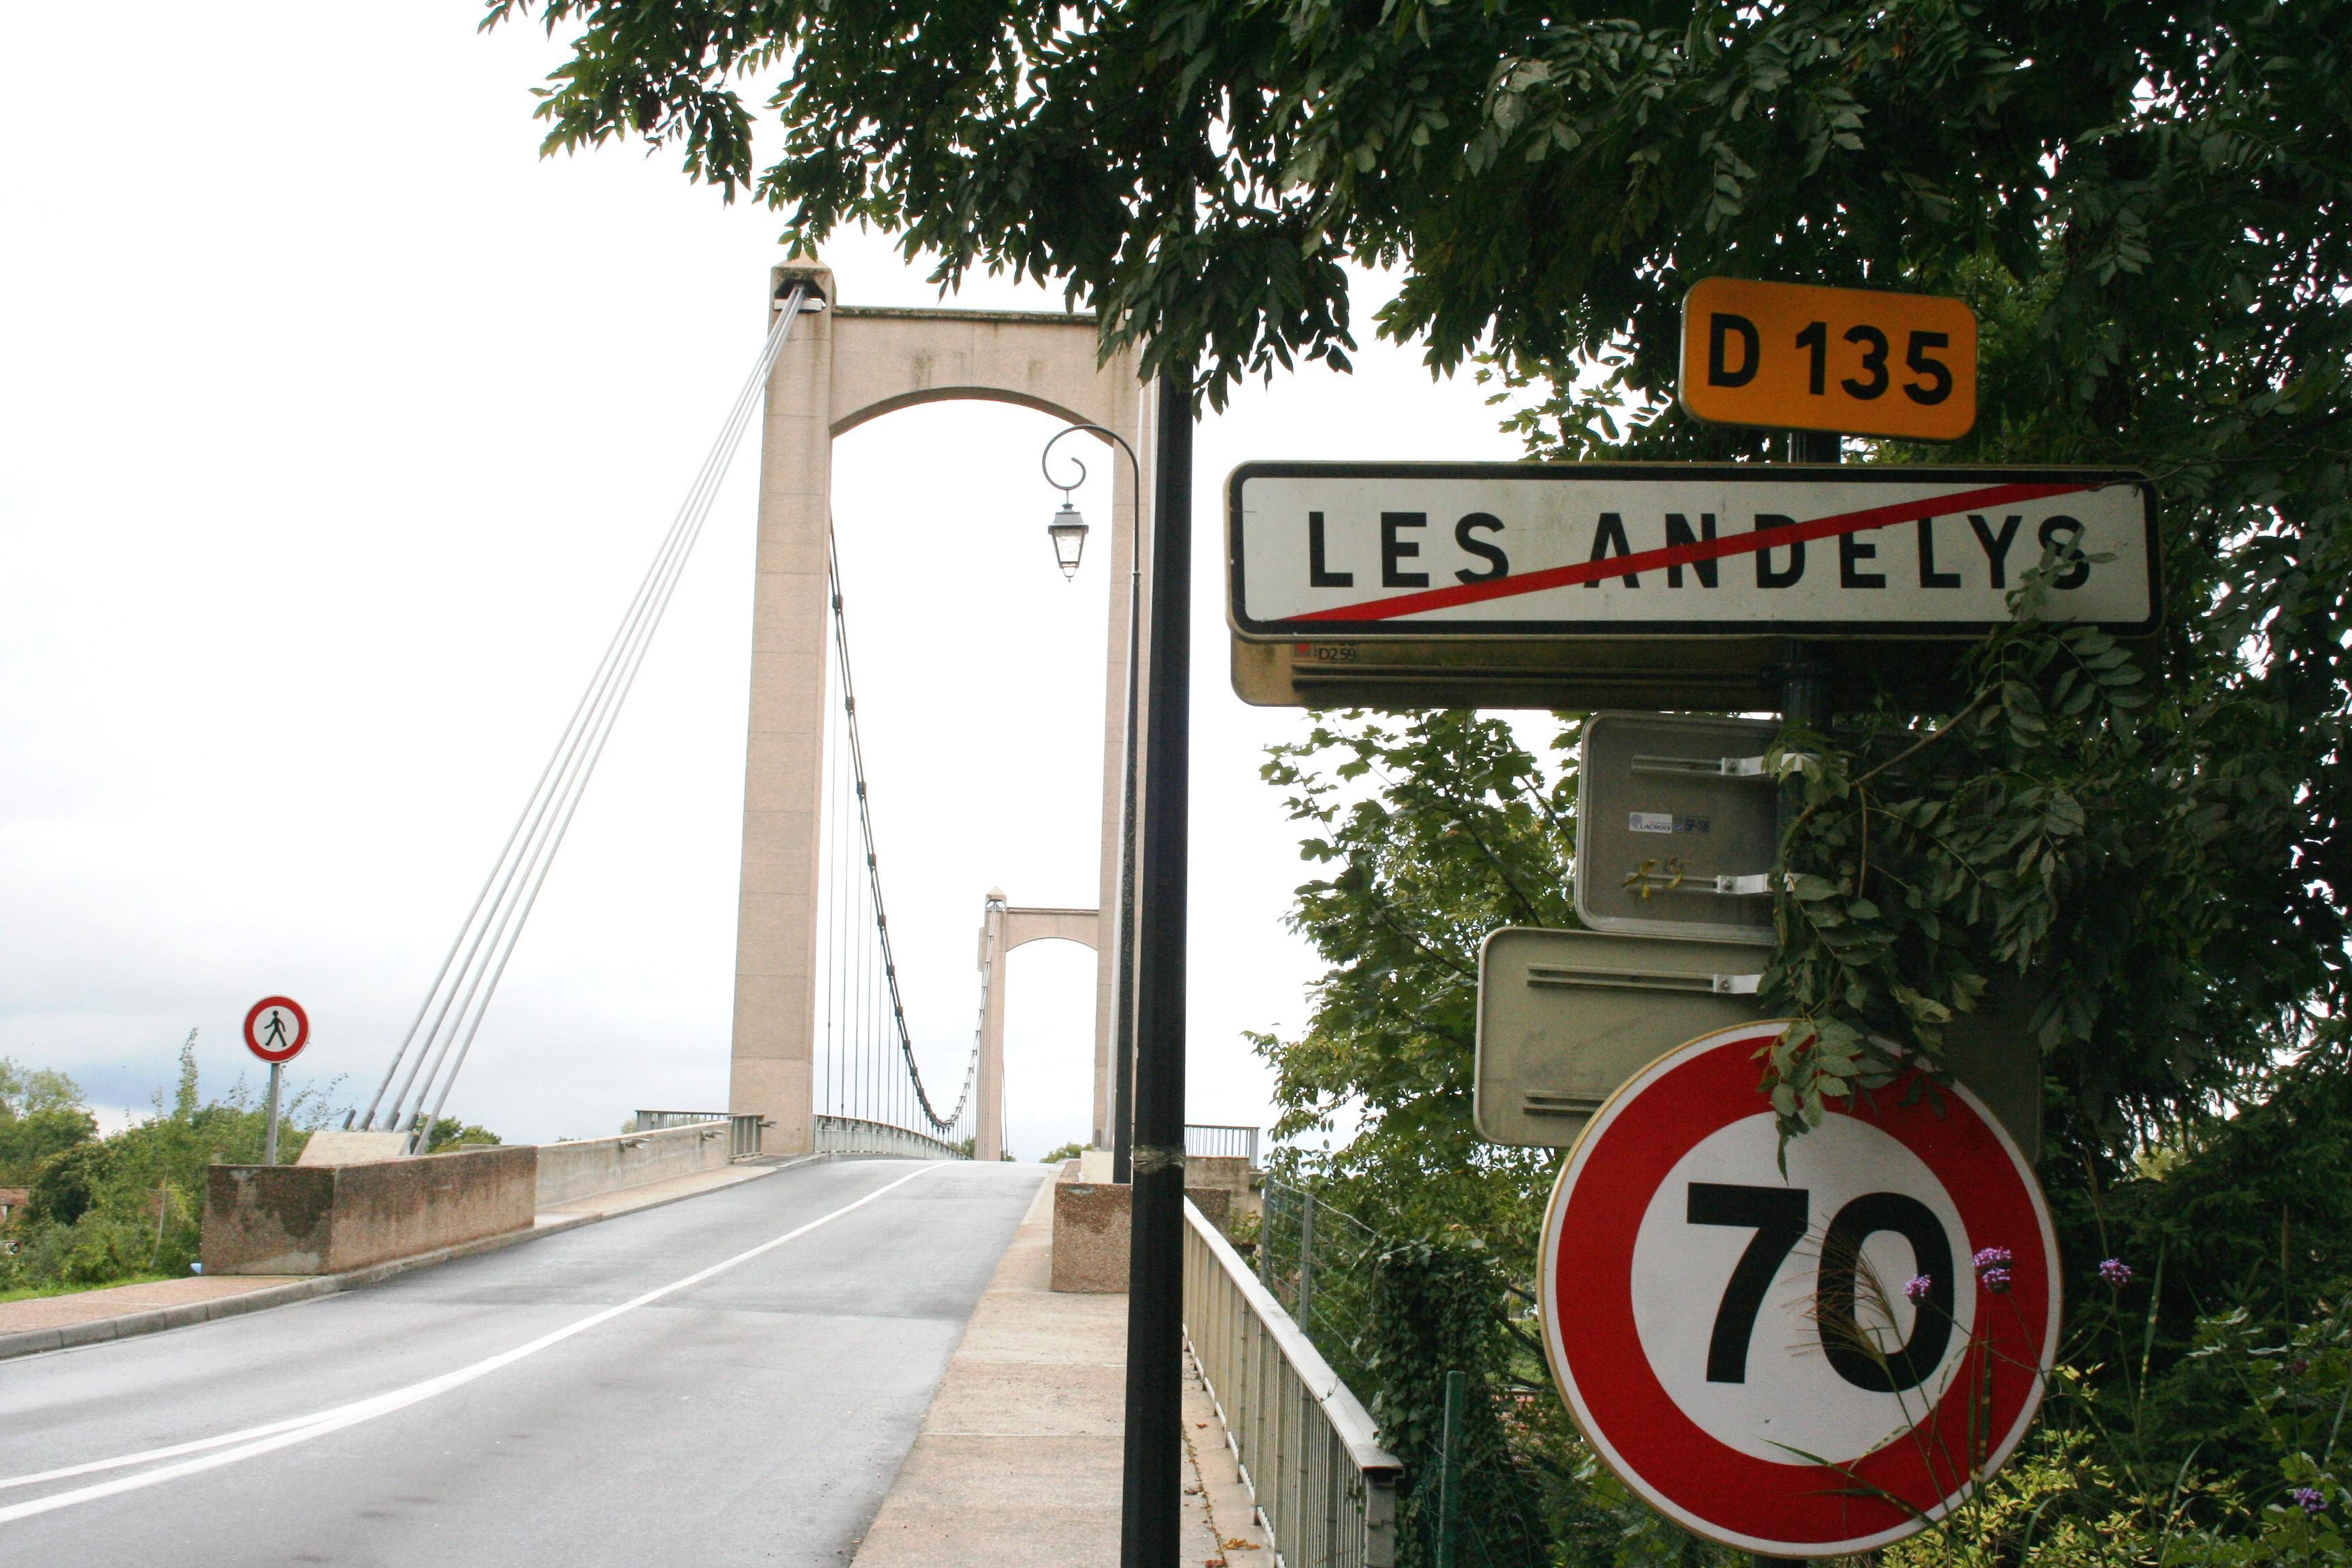 Les Andelys